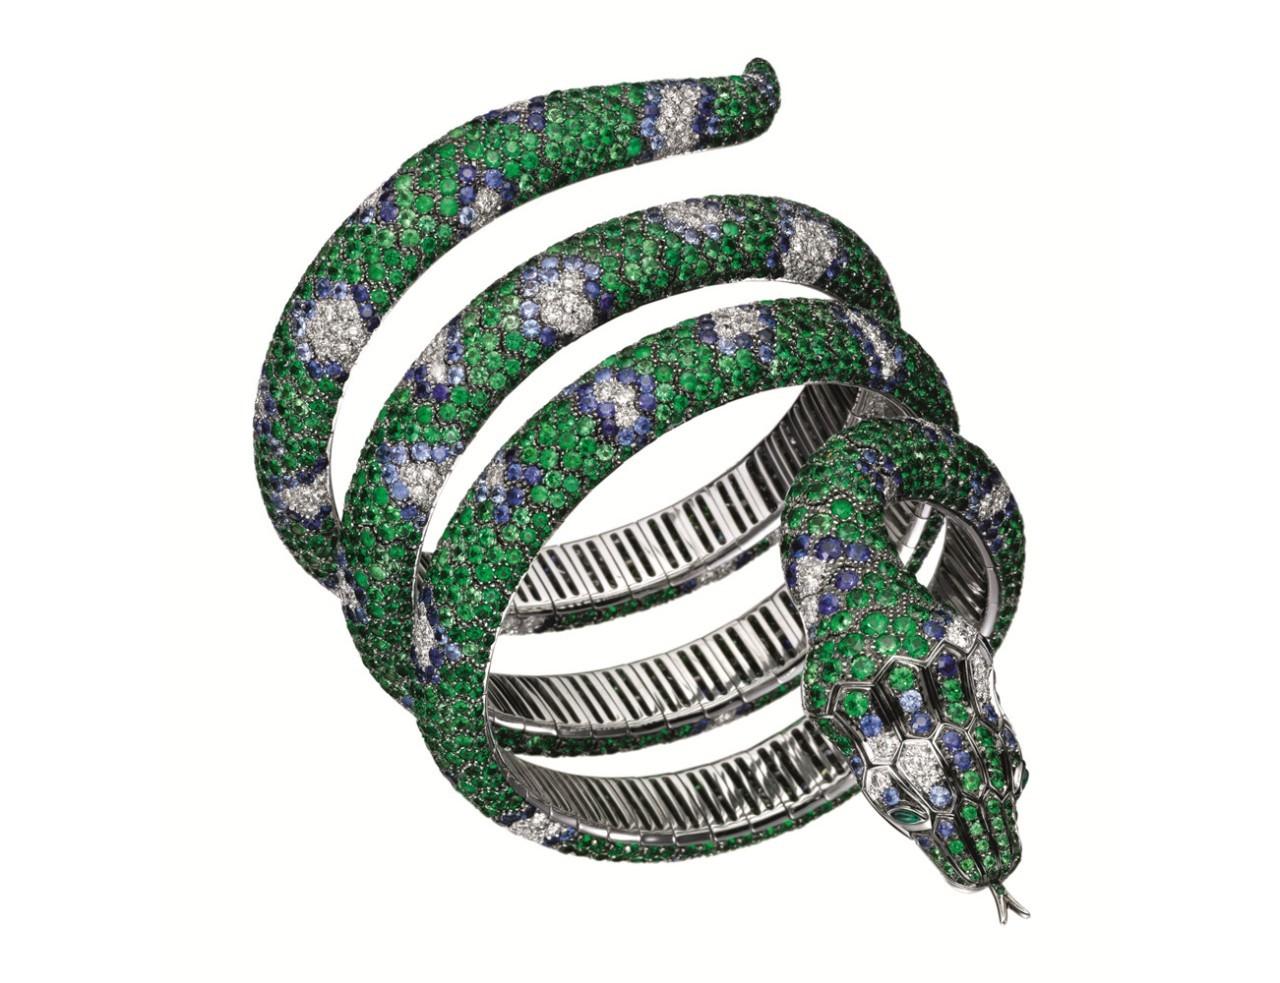 动物珠宝 为女人增添了无限活色生香的美丽